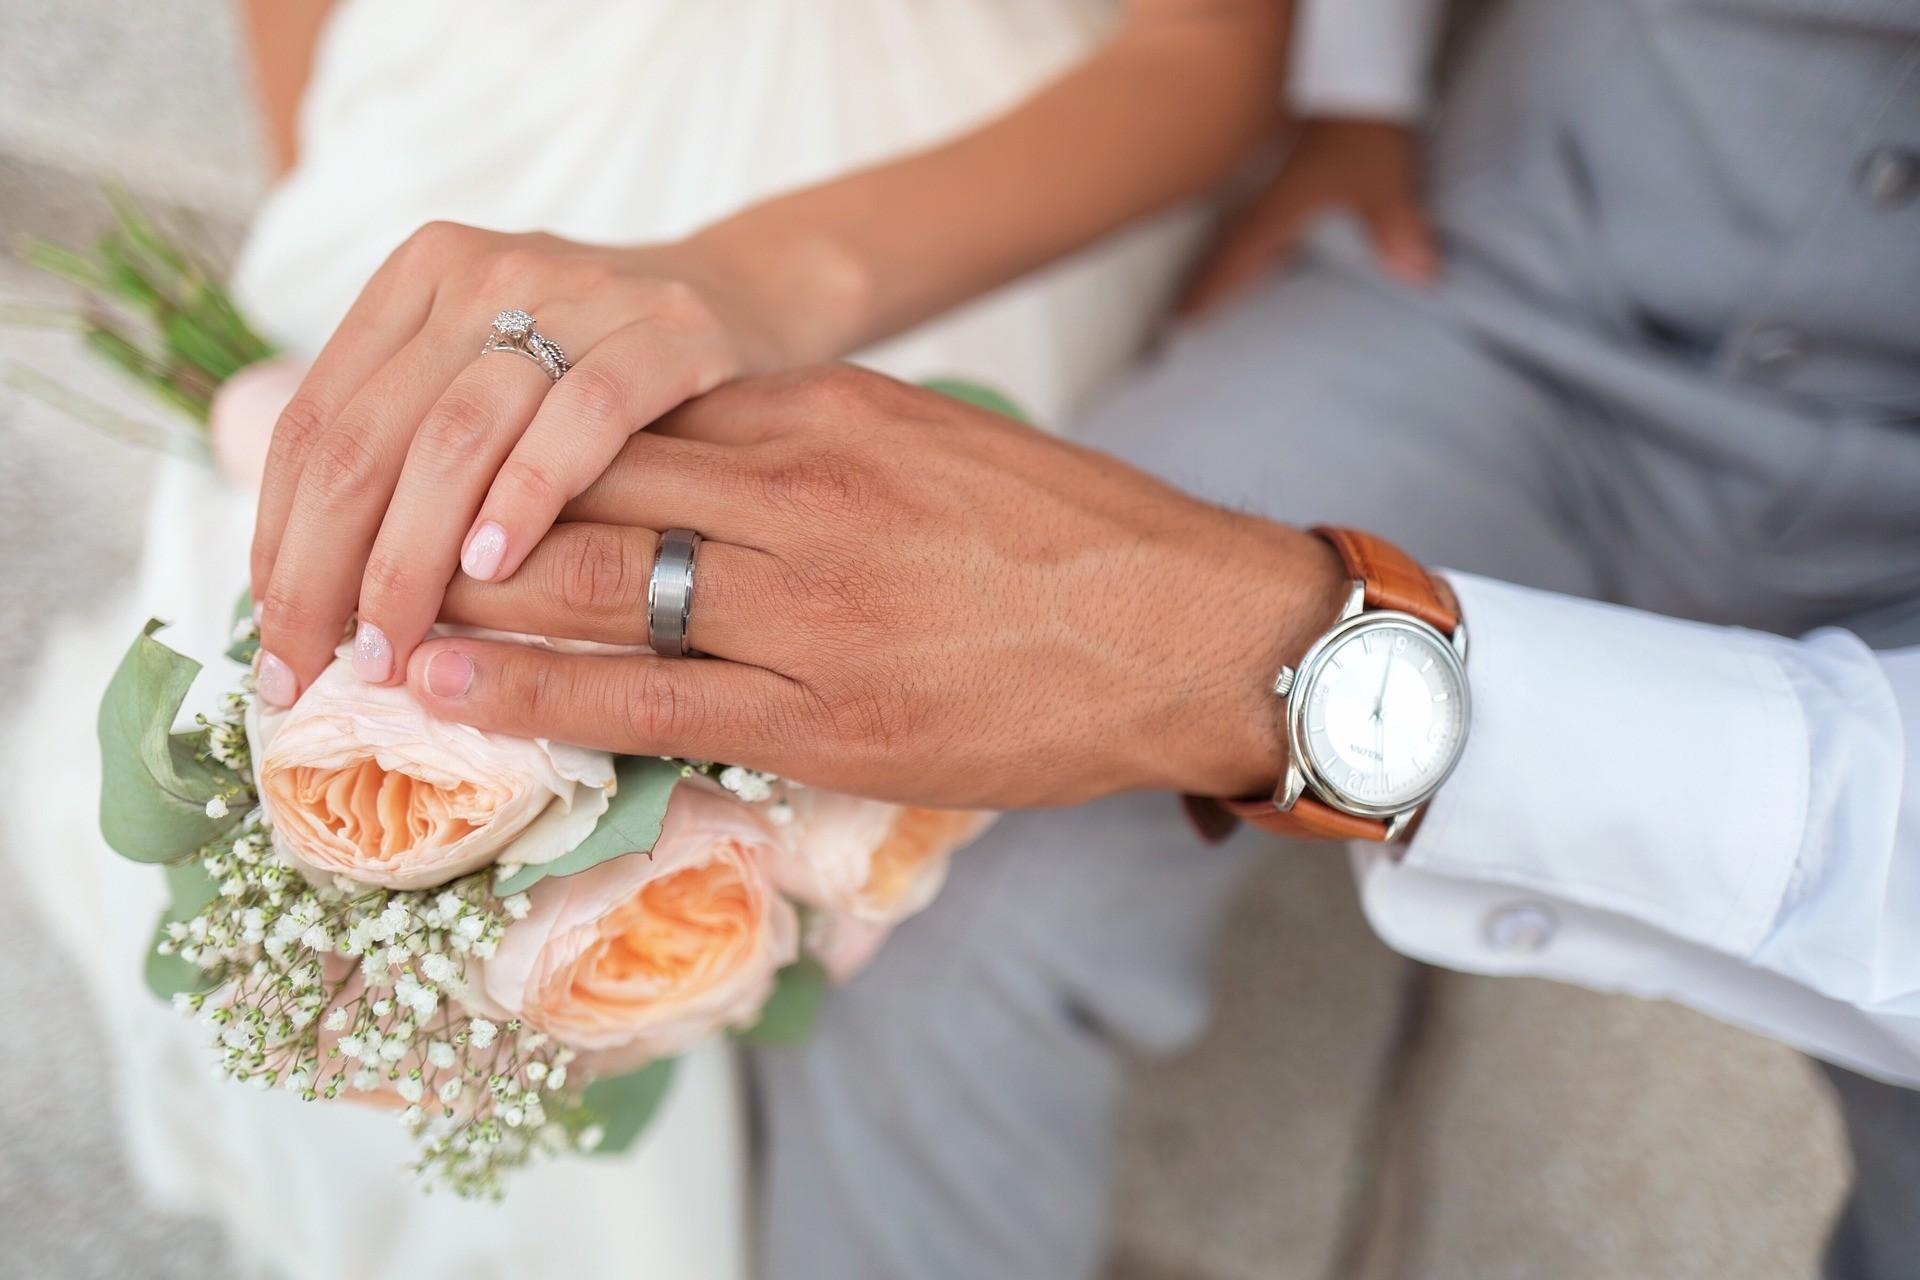 Déclaration de nationalité: pas de communauté de vie en cas de bigamie